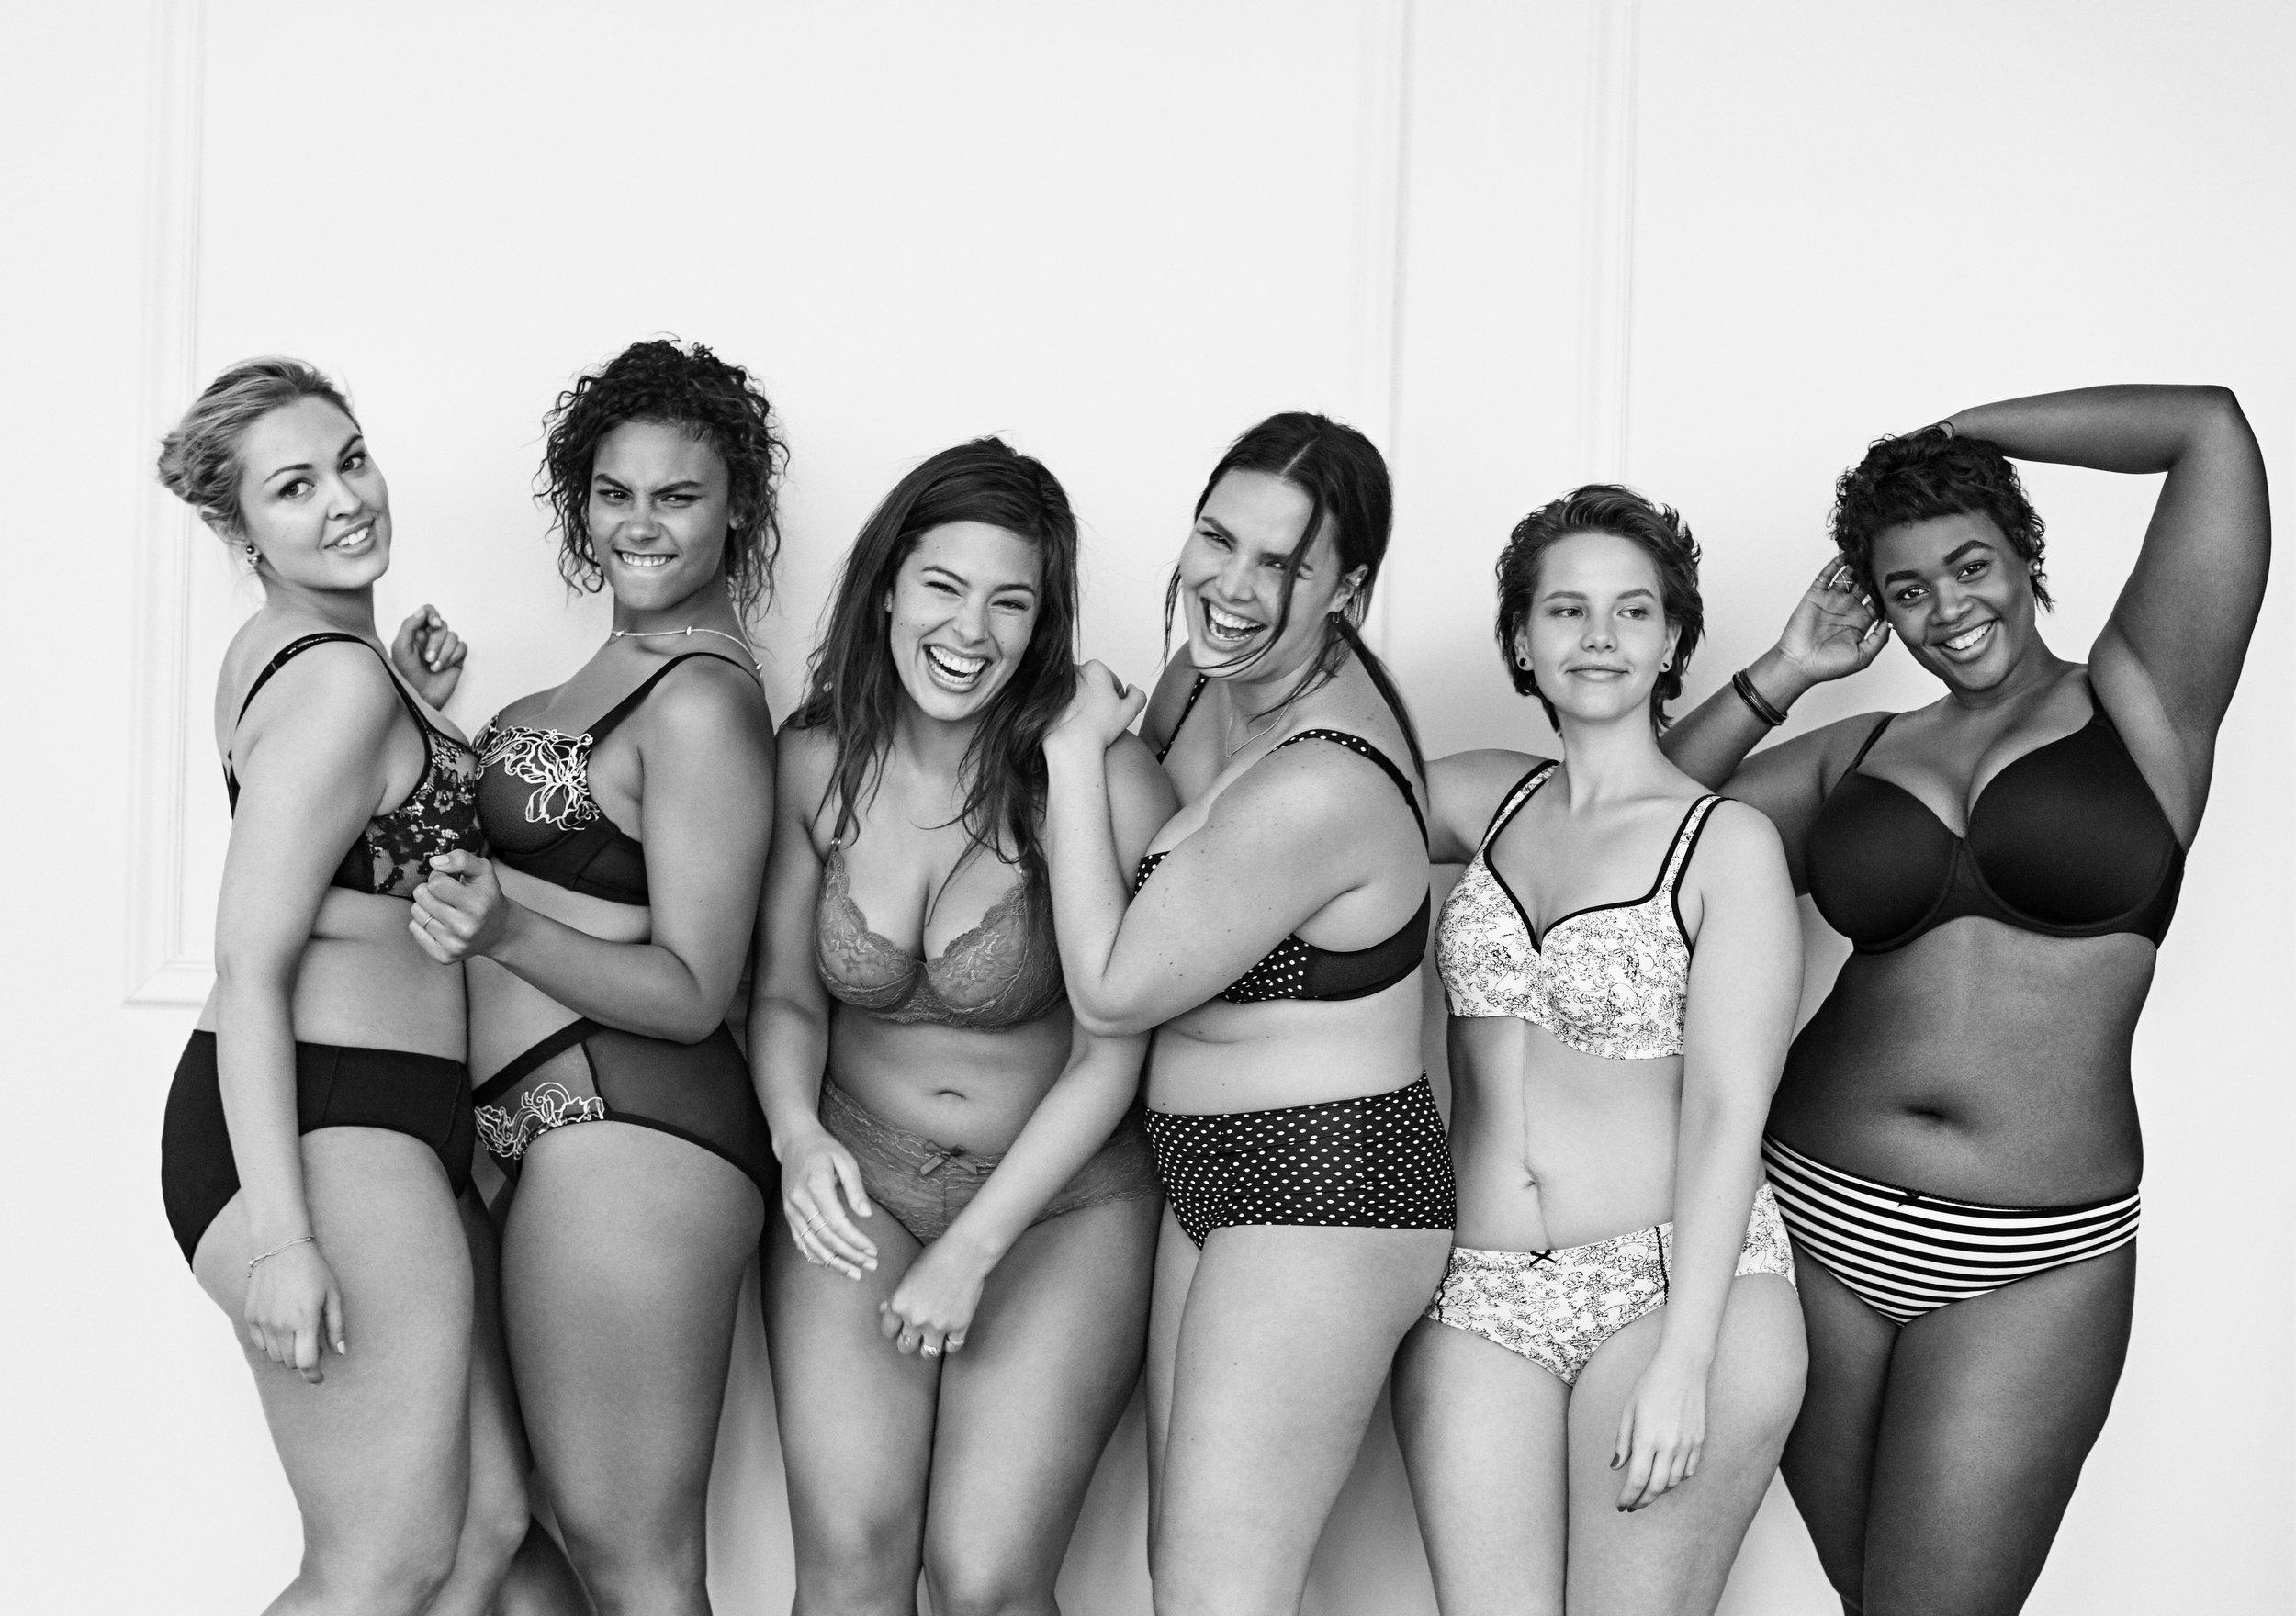 Фото полненьких женских тел, Пышные девушки (34 фото) 25 фотография